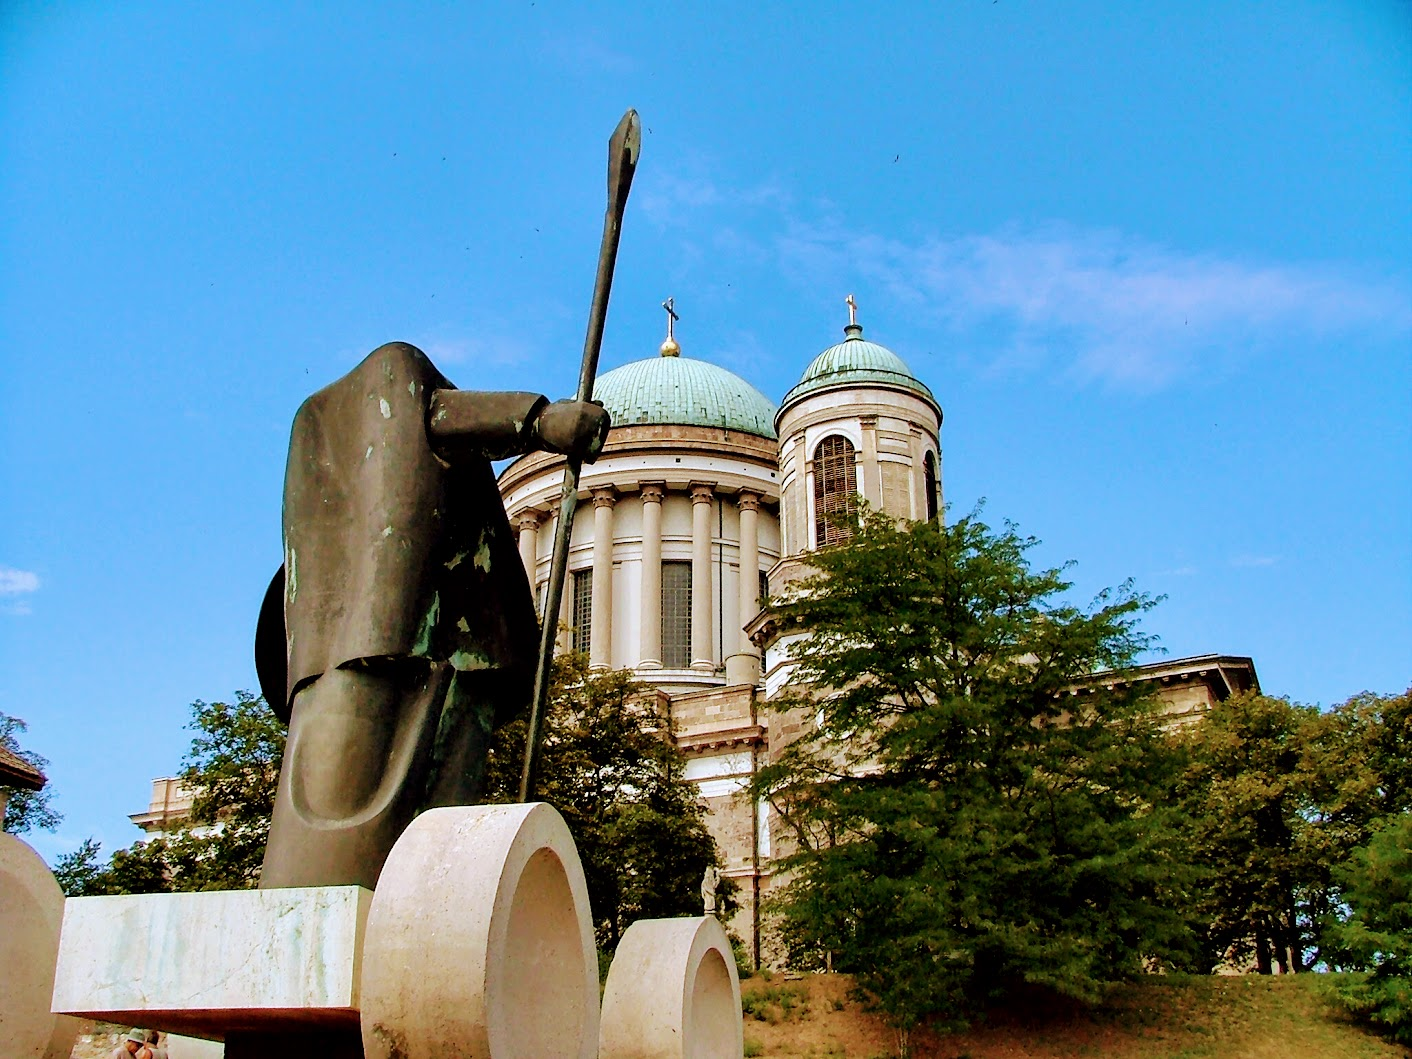 Esztergom - Városalapító vitéz szobra a vár régi kaputornyának felvonóhídjánál